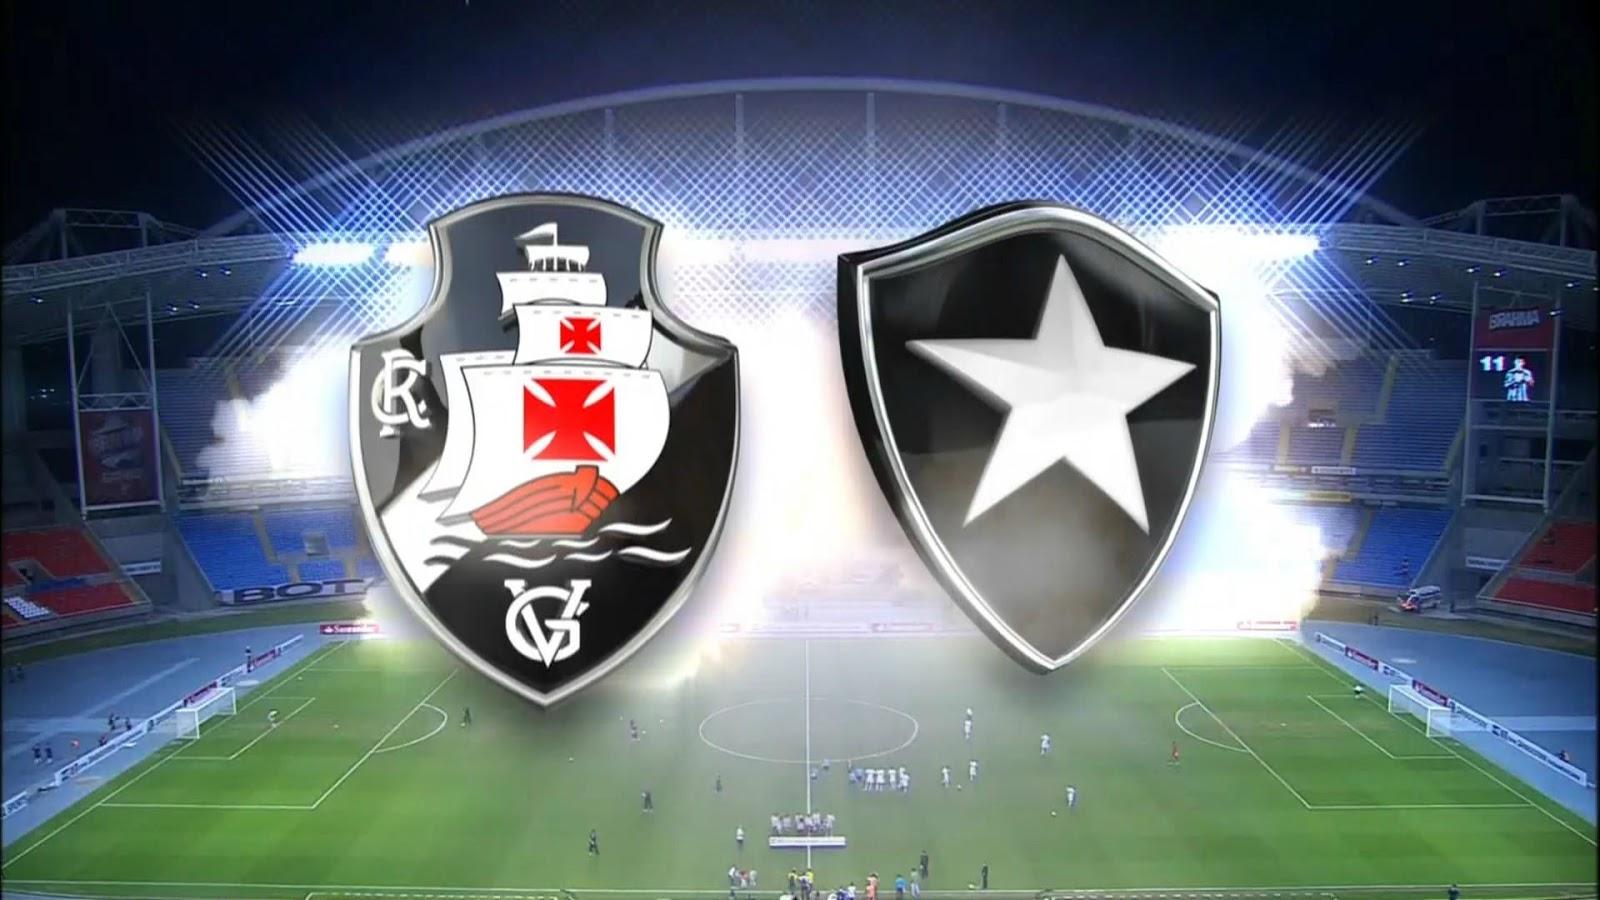 Vasco X Botafogo   Ingressos Sao Vendidos No Primeiro Dia De Venda